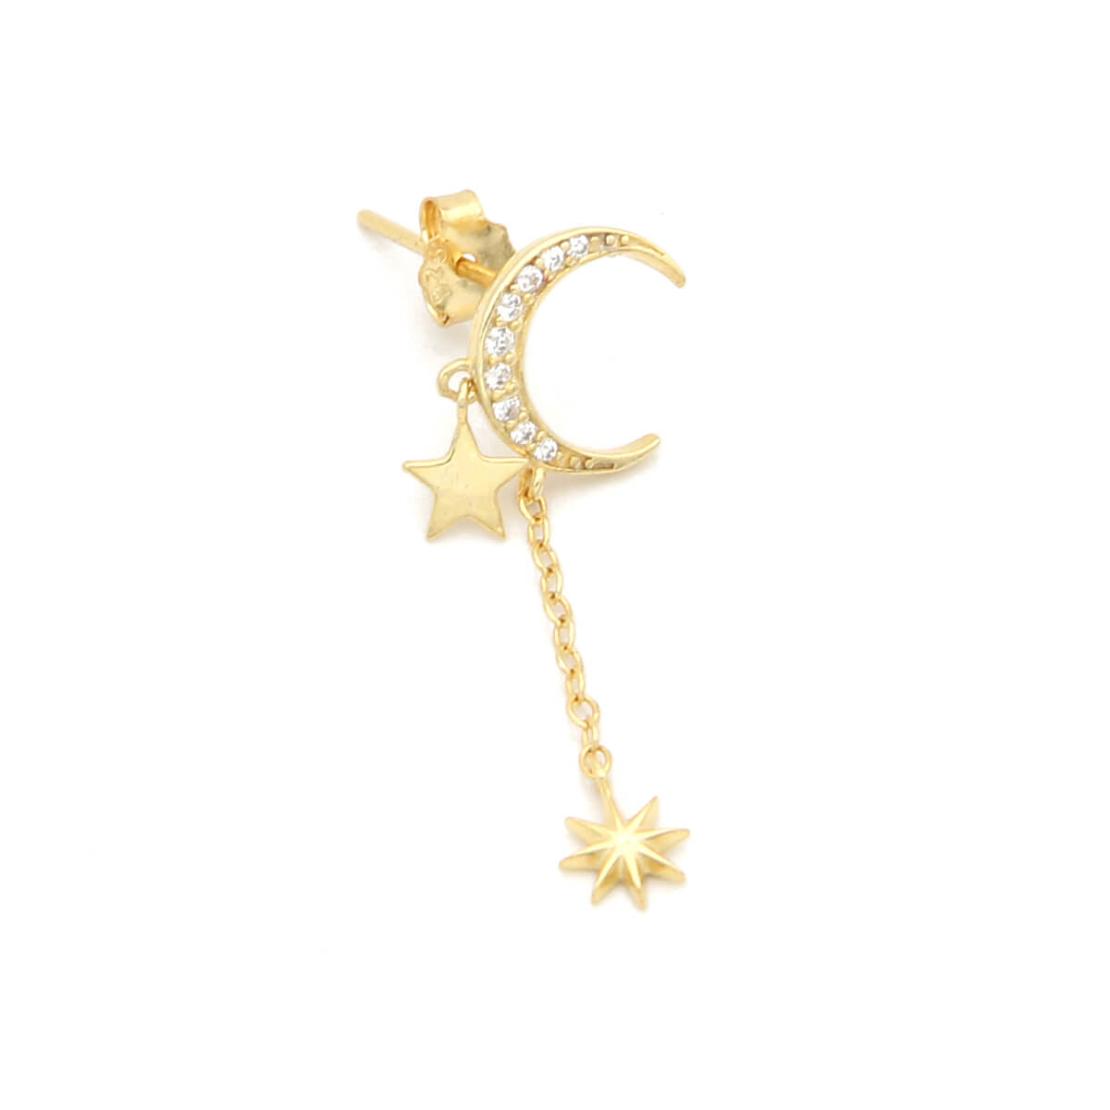 עגילי לונה זירקונים - כסף 925 בציפוי זהב מיקרוני